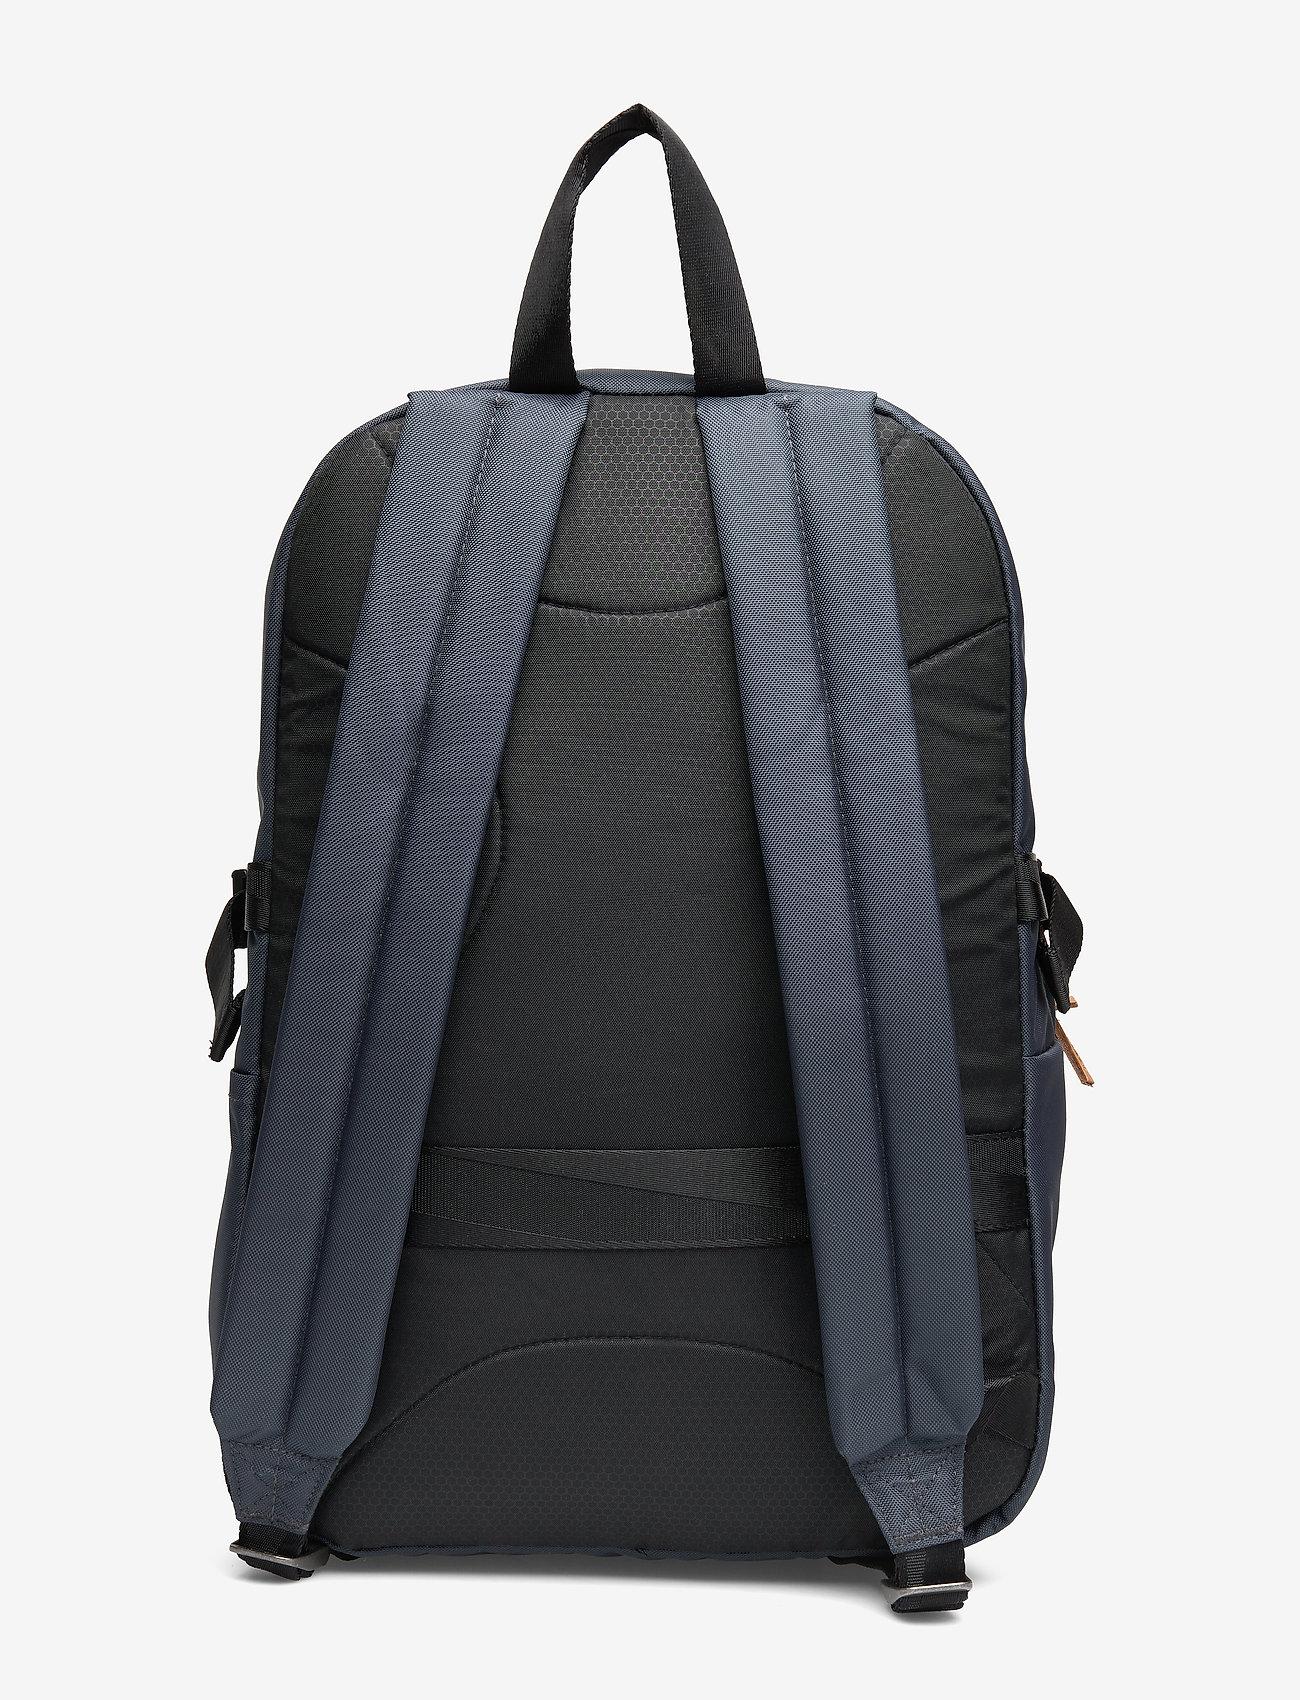 Eastpak - PROVIDER - rucksäcke - constr con beig - 1